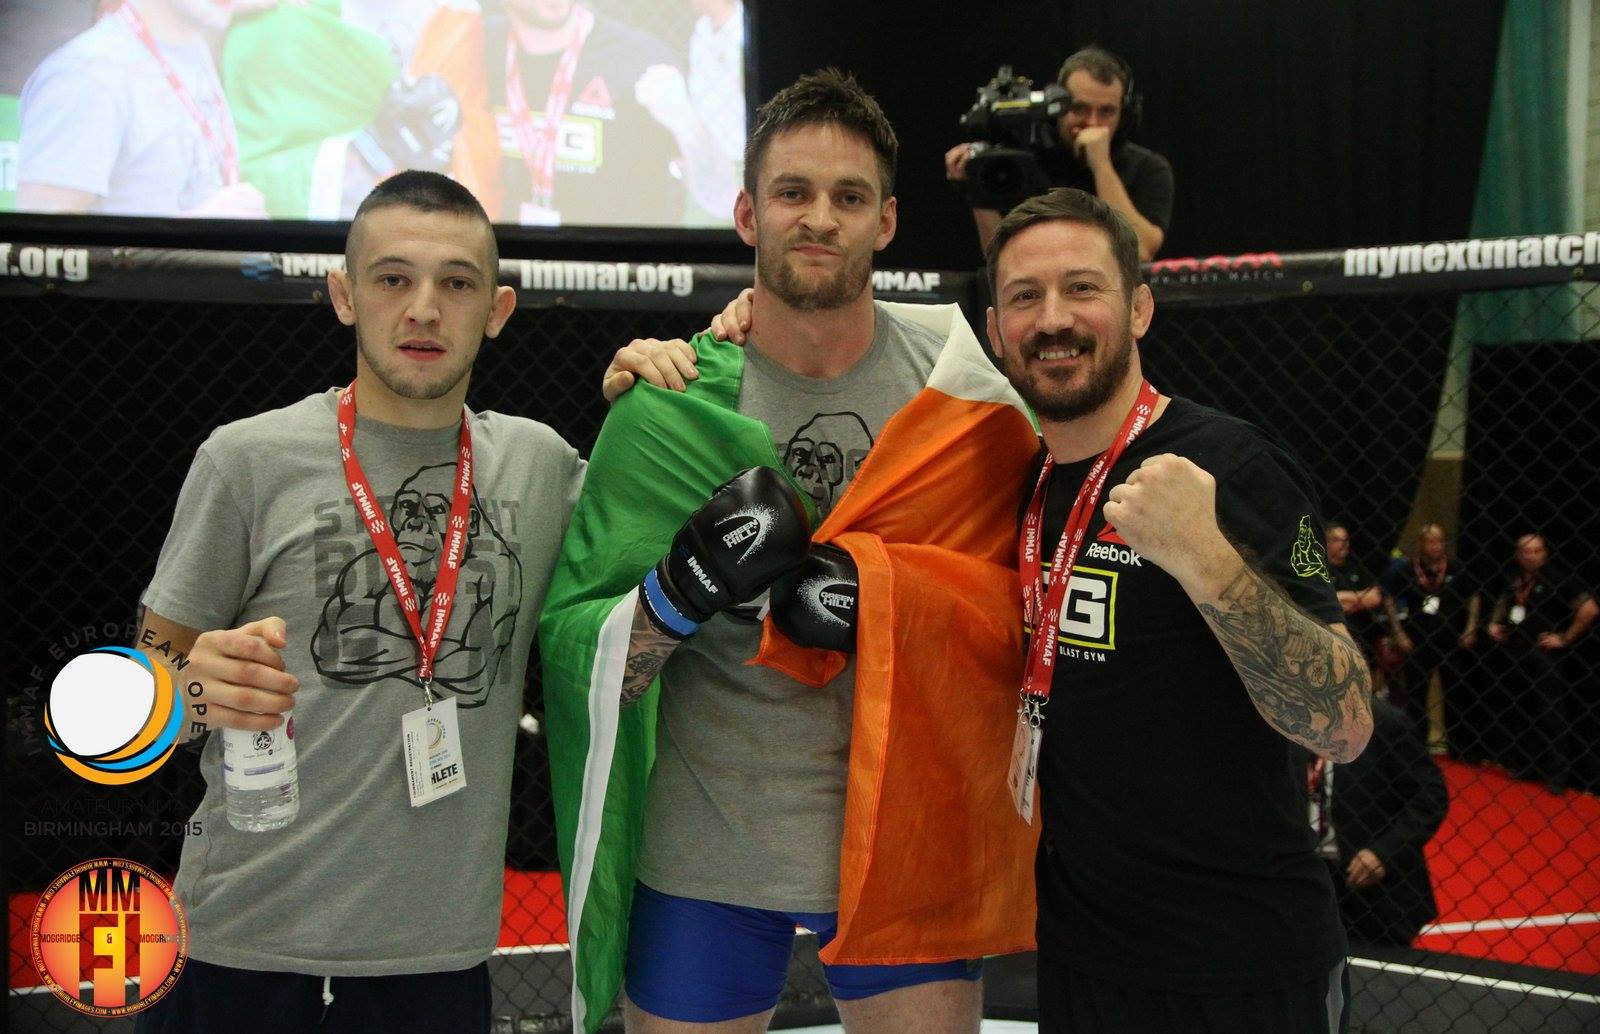 Featured Fighter: Ben Forsyth